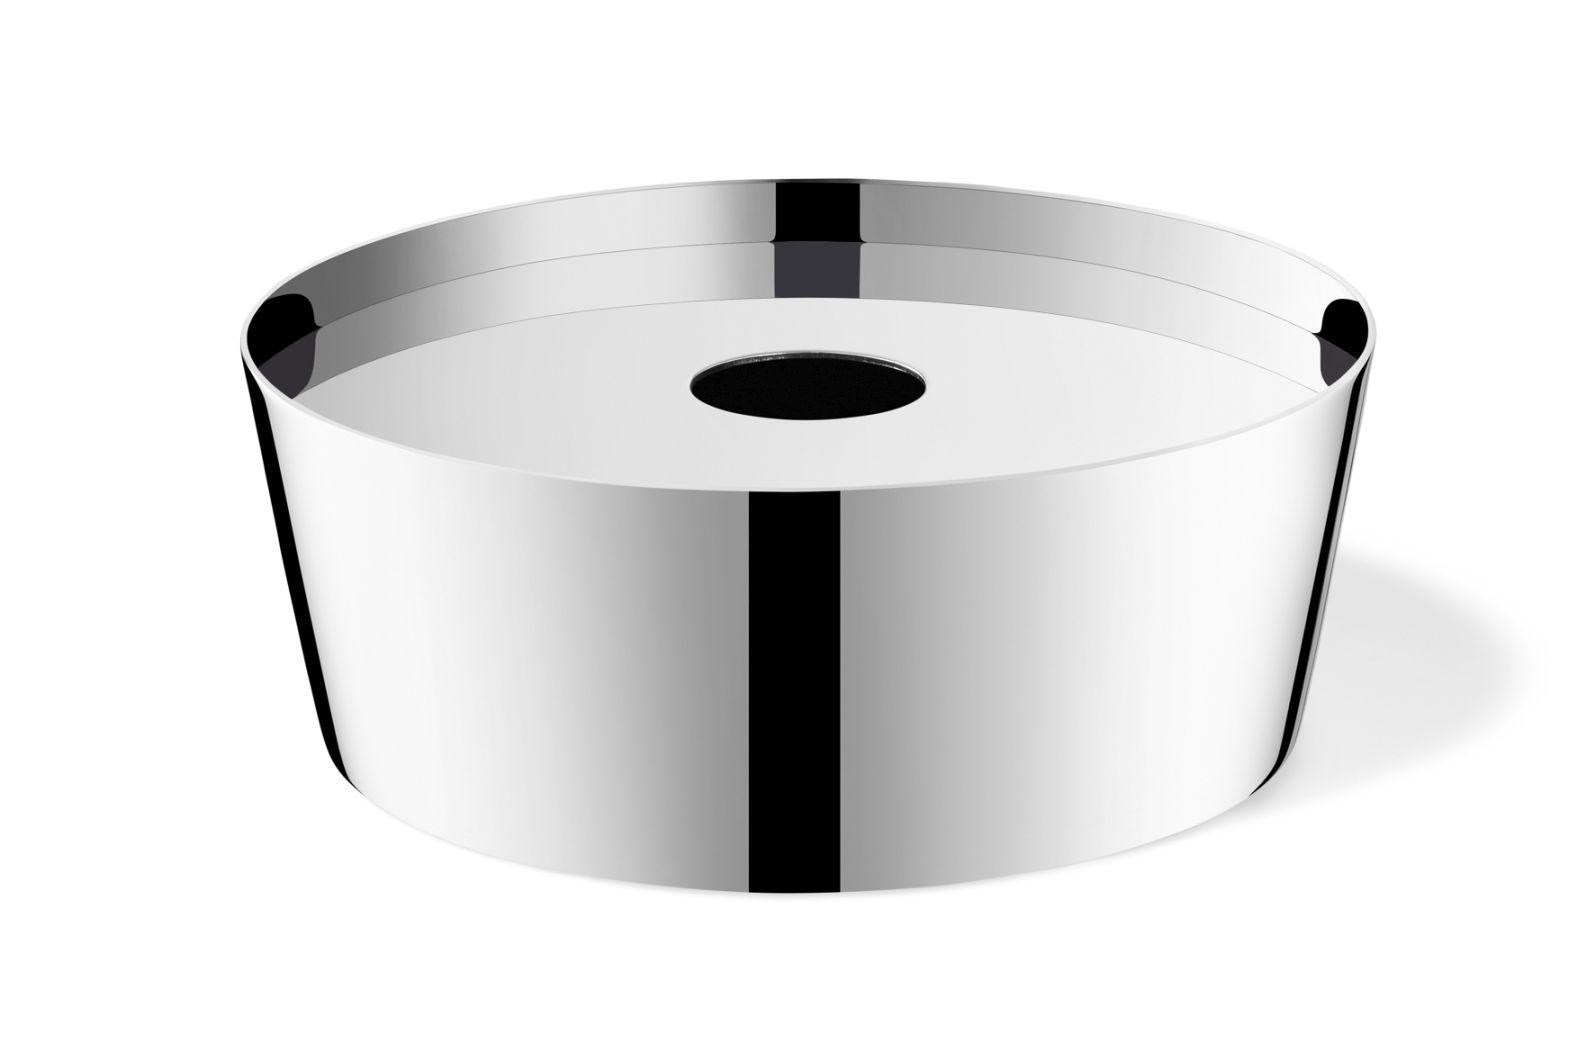 Nerezový pohárek s víčkem LYOS, nízký - ZACKpohárek s víčkem LYOS, vysoká - ZACK